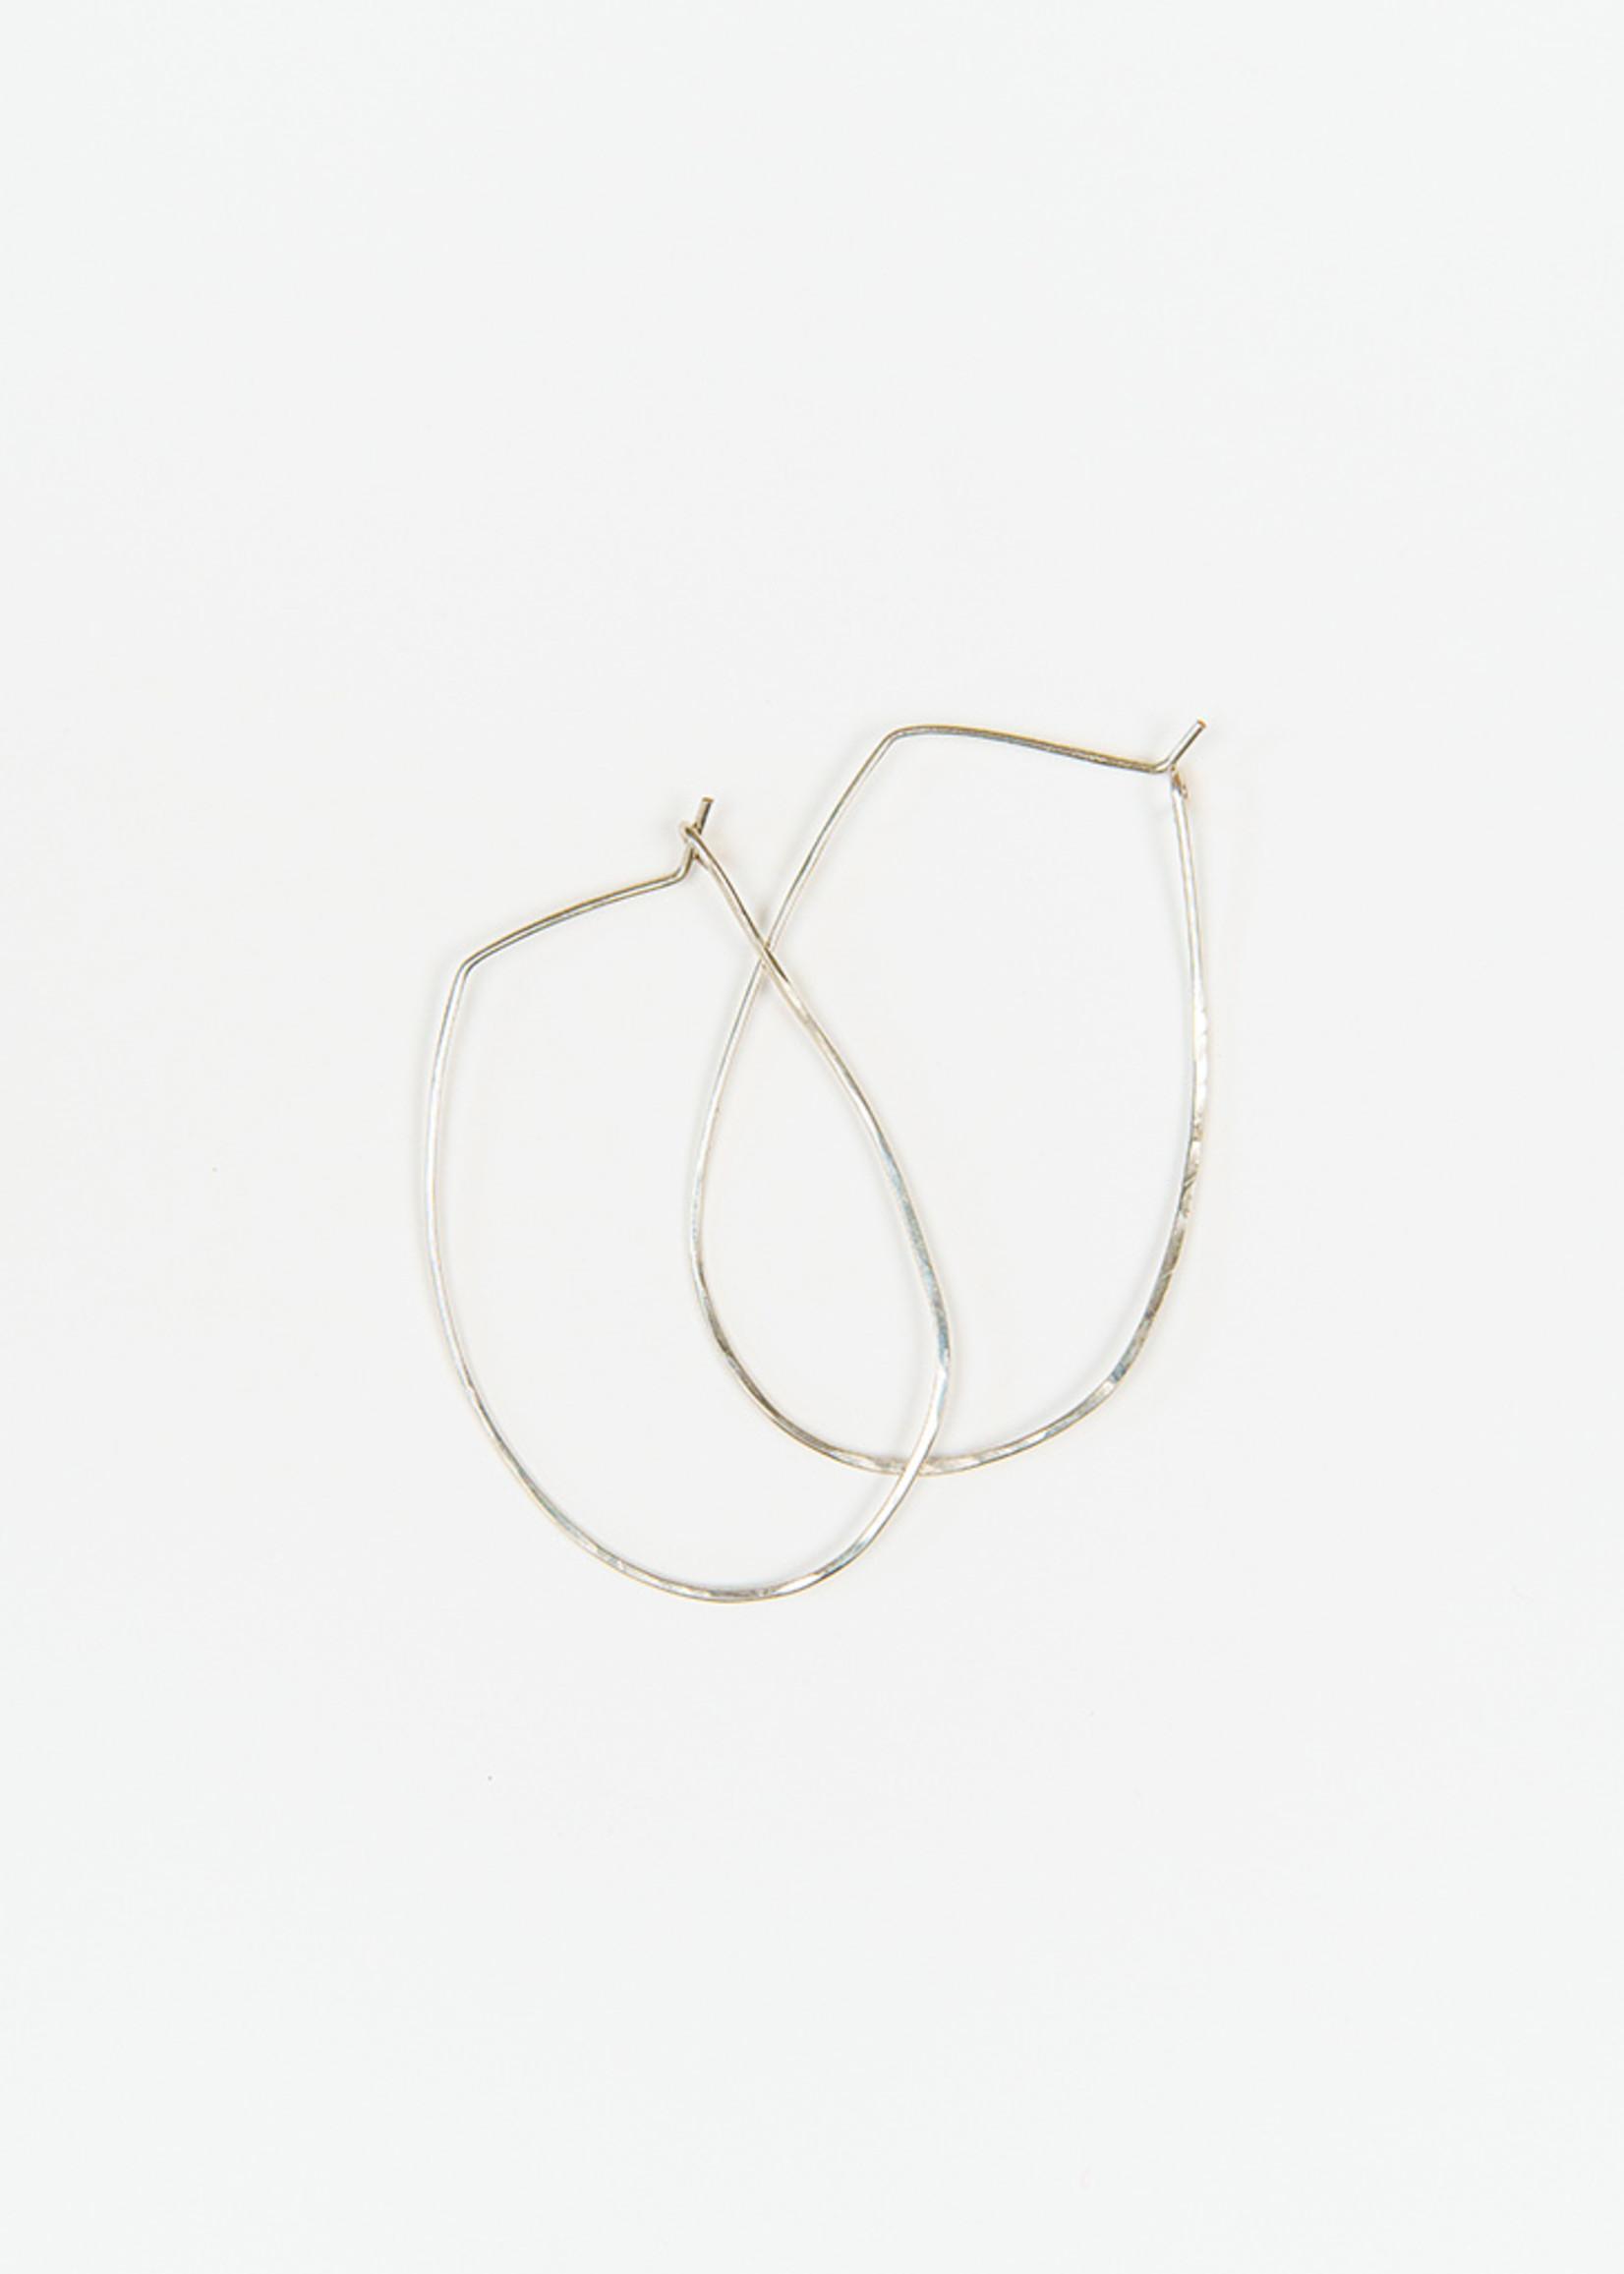 Forai Azmera Hammered Loop Earrings